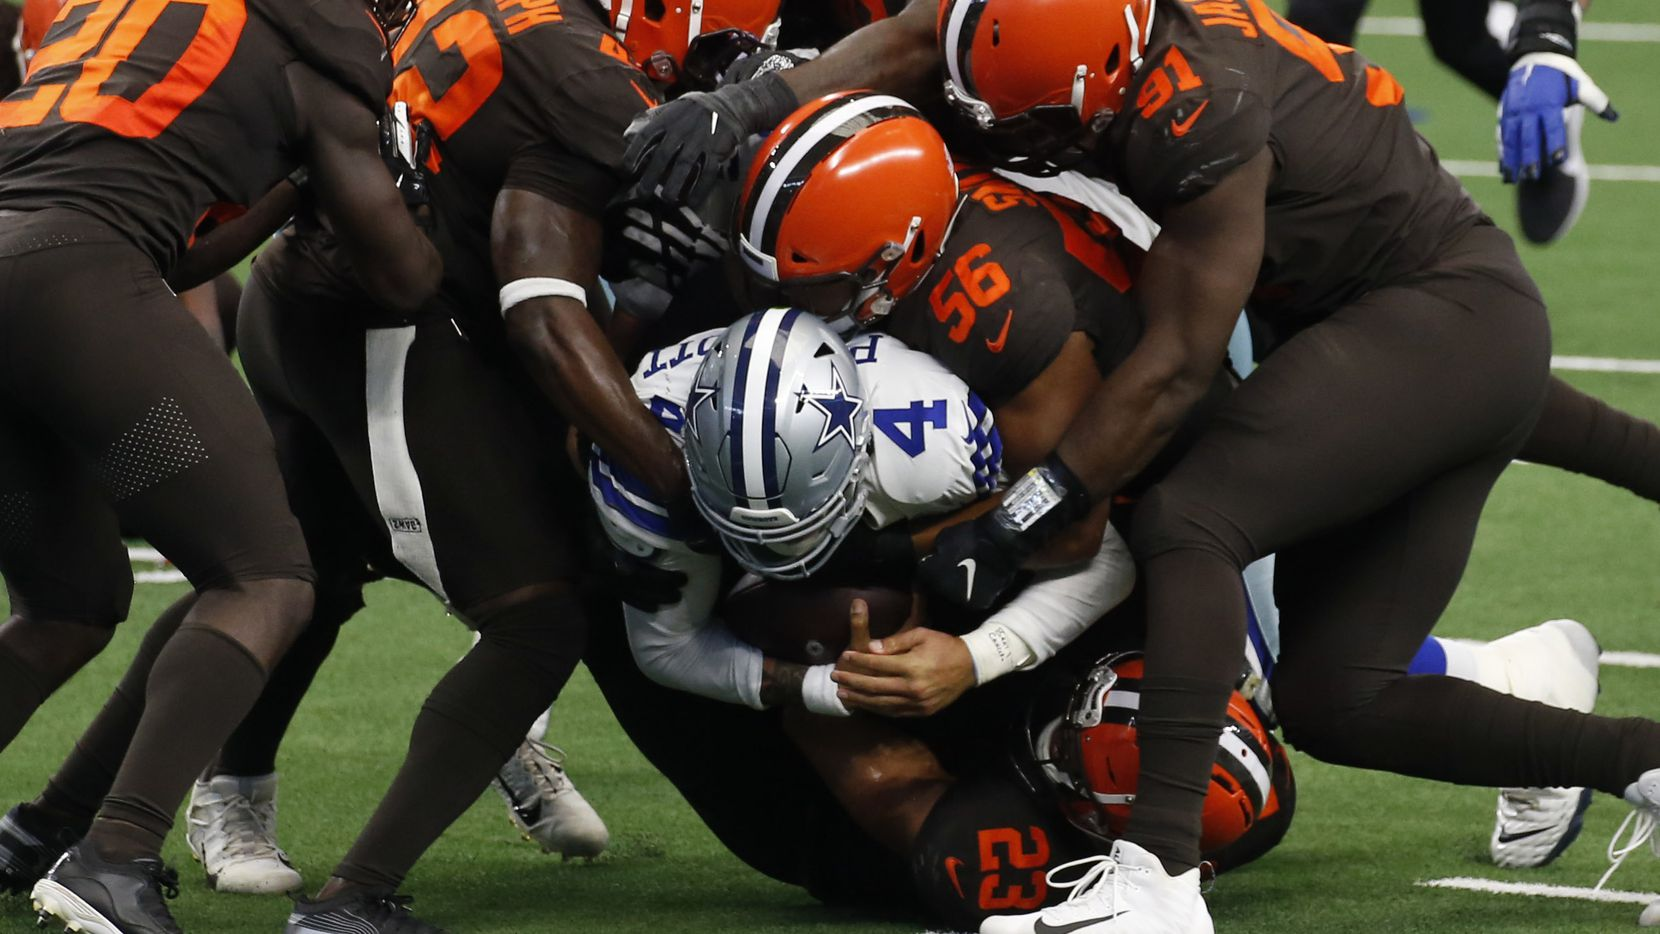 El mariscal de los Dallas Cowboys, Dak Prescott (4), es sepultado por la defensiva de los Cleveland Browns en el partido efectuado el 4 de octubre de 2020 en el AT&T Stadium de Arlington.